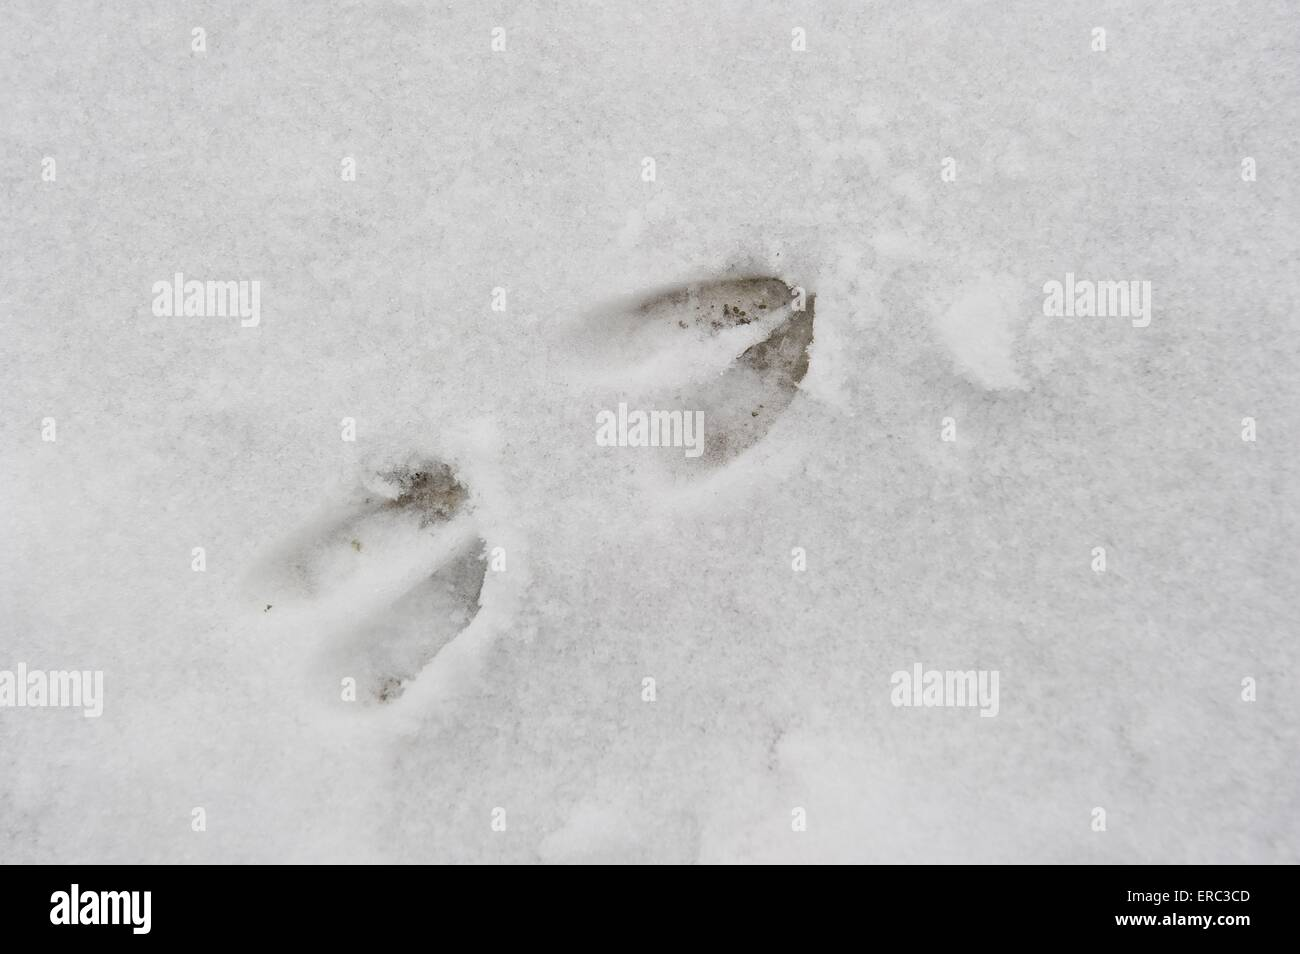 roe deer footprint - Stock Image